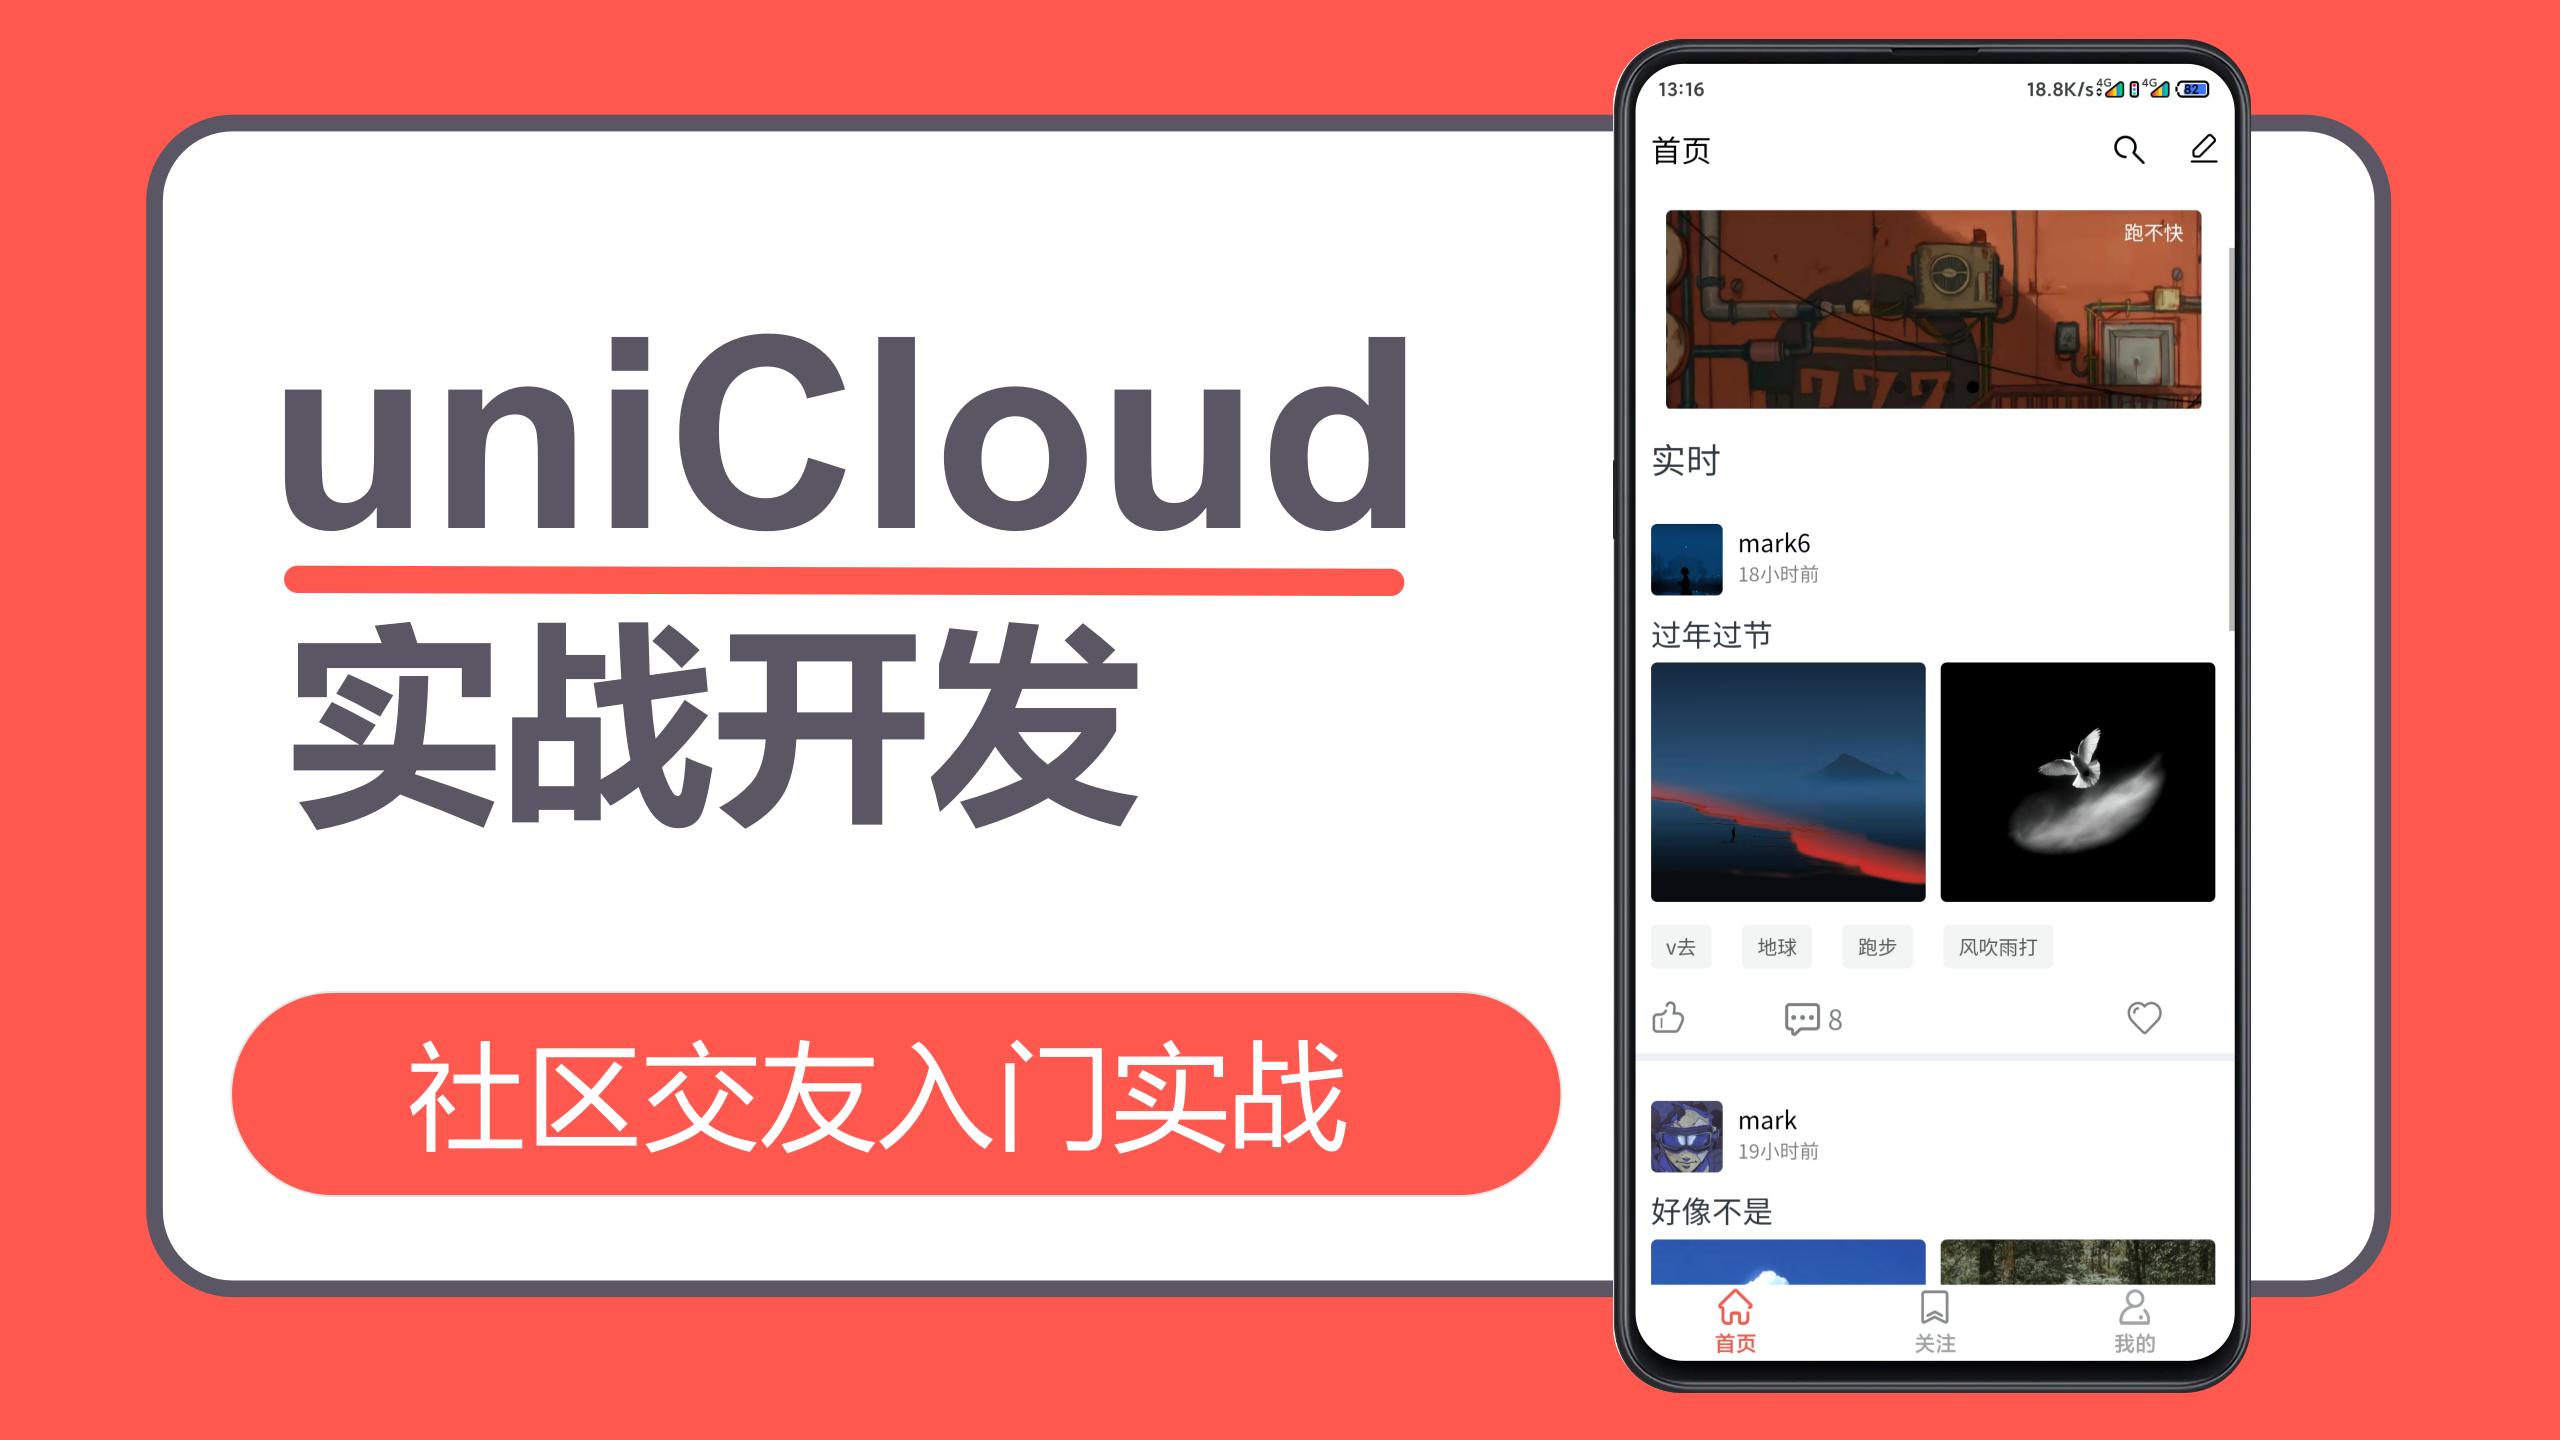 uniCloud社区交友入门实战